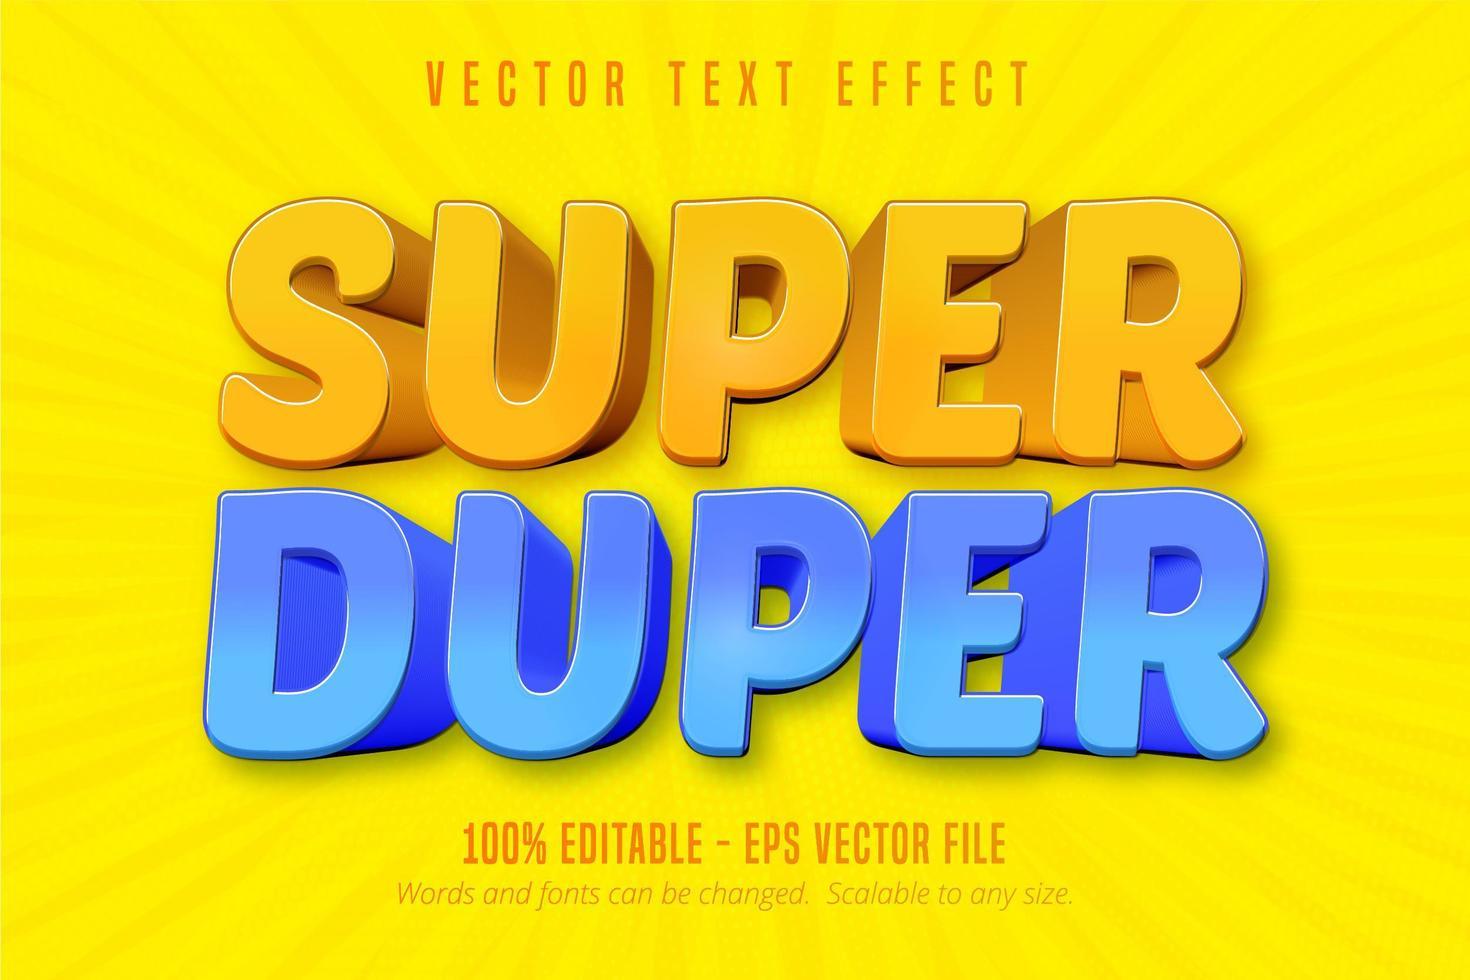 testo super duper, effetto di testo modificabile in stile cartone animato vettore